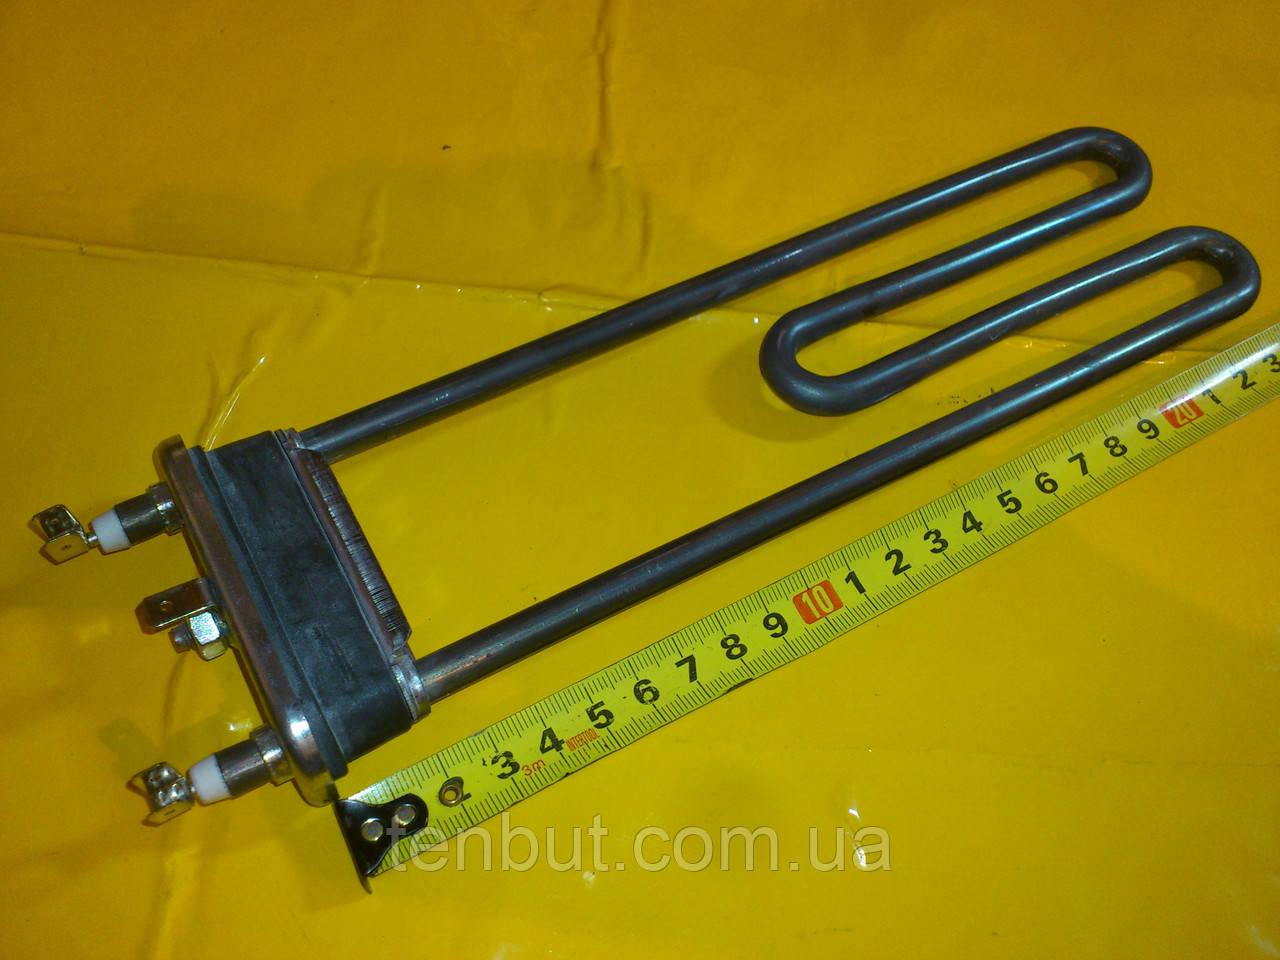 Тэн на стиральную машинку 1950 Вт. / 246 мм. производство Италия Thermowatt